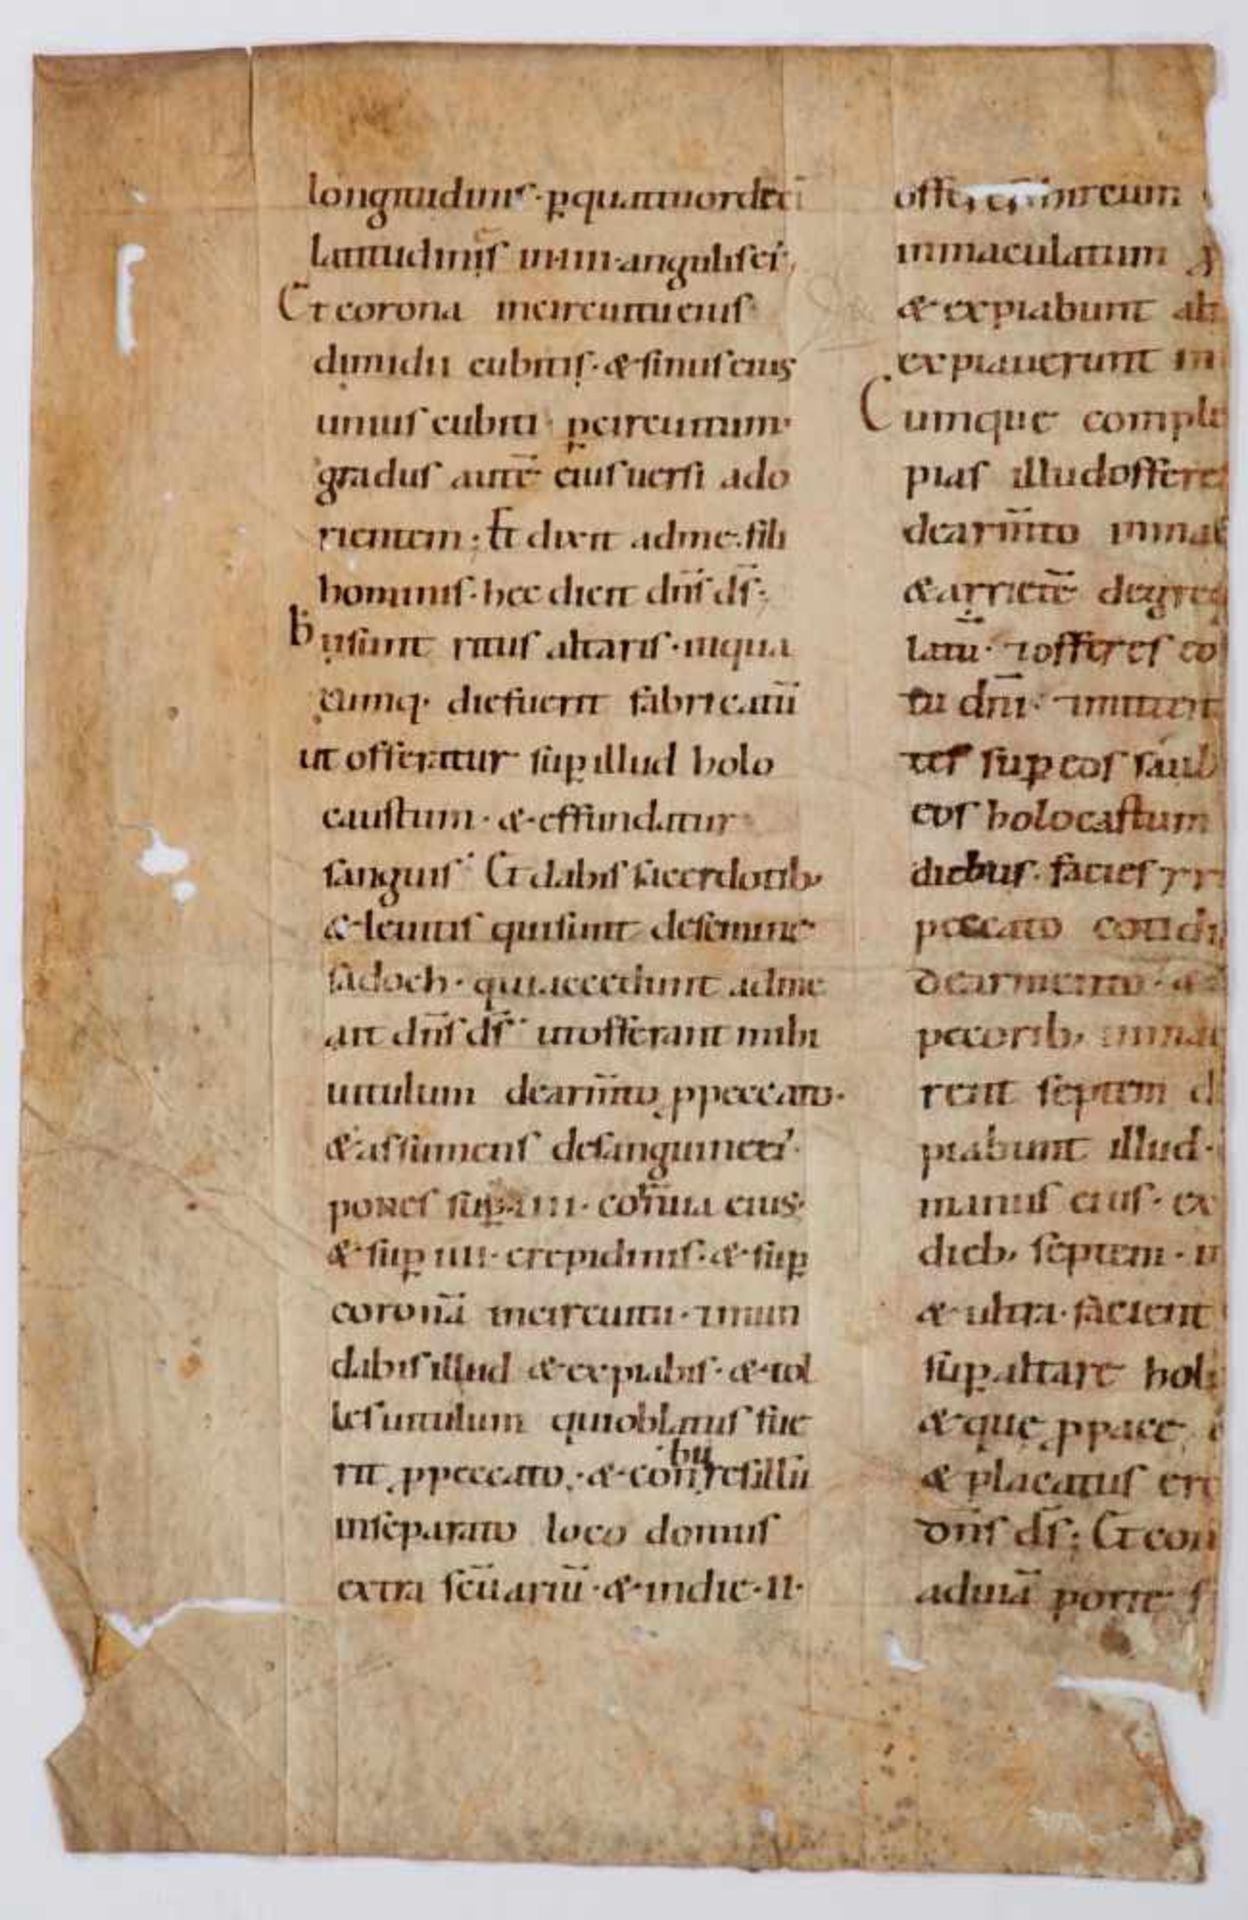 Bibel- Einzelblatt (Fragment)aus einer lateinischen Handschrift auf Pergament. Wohl Deutschland,